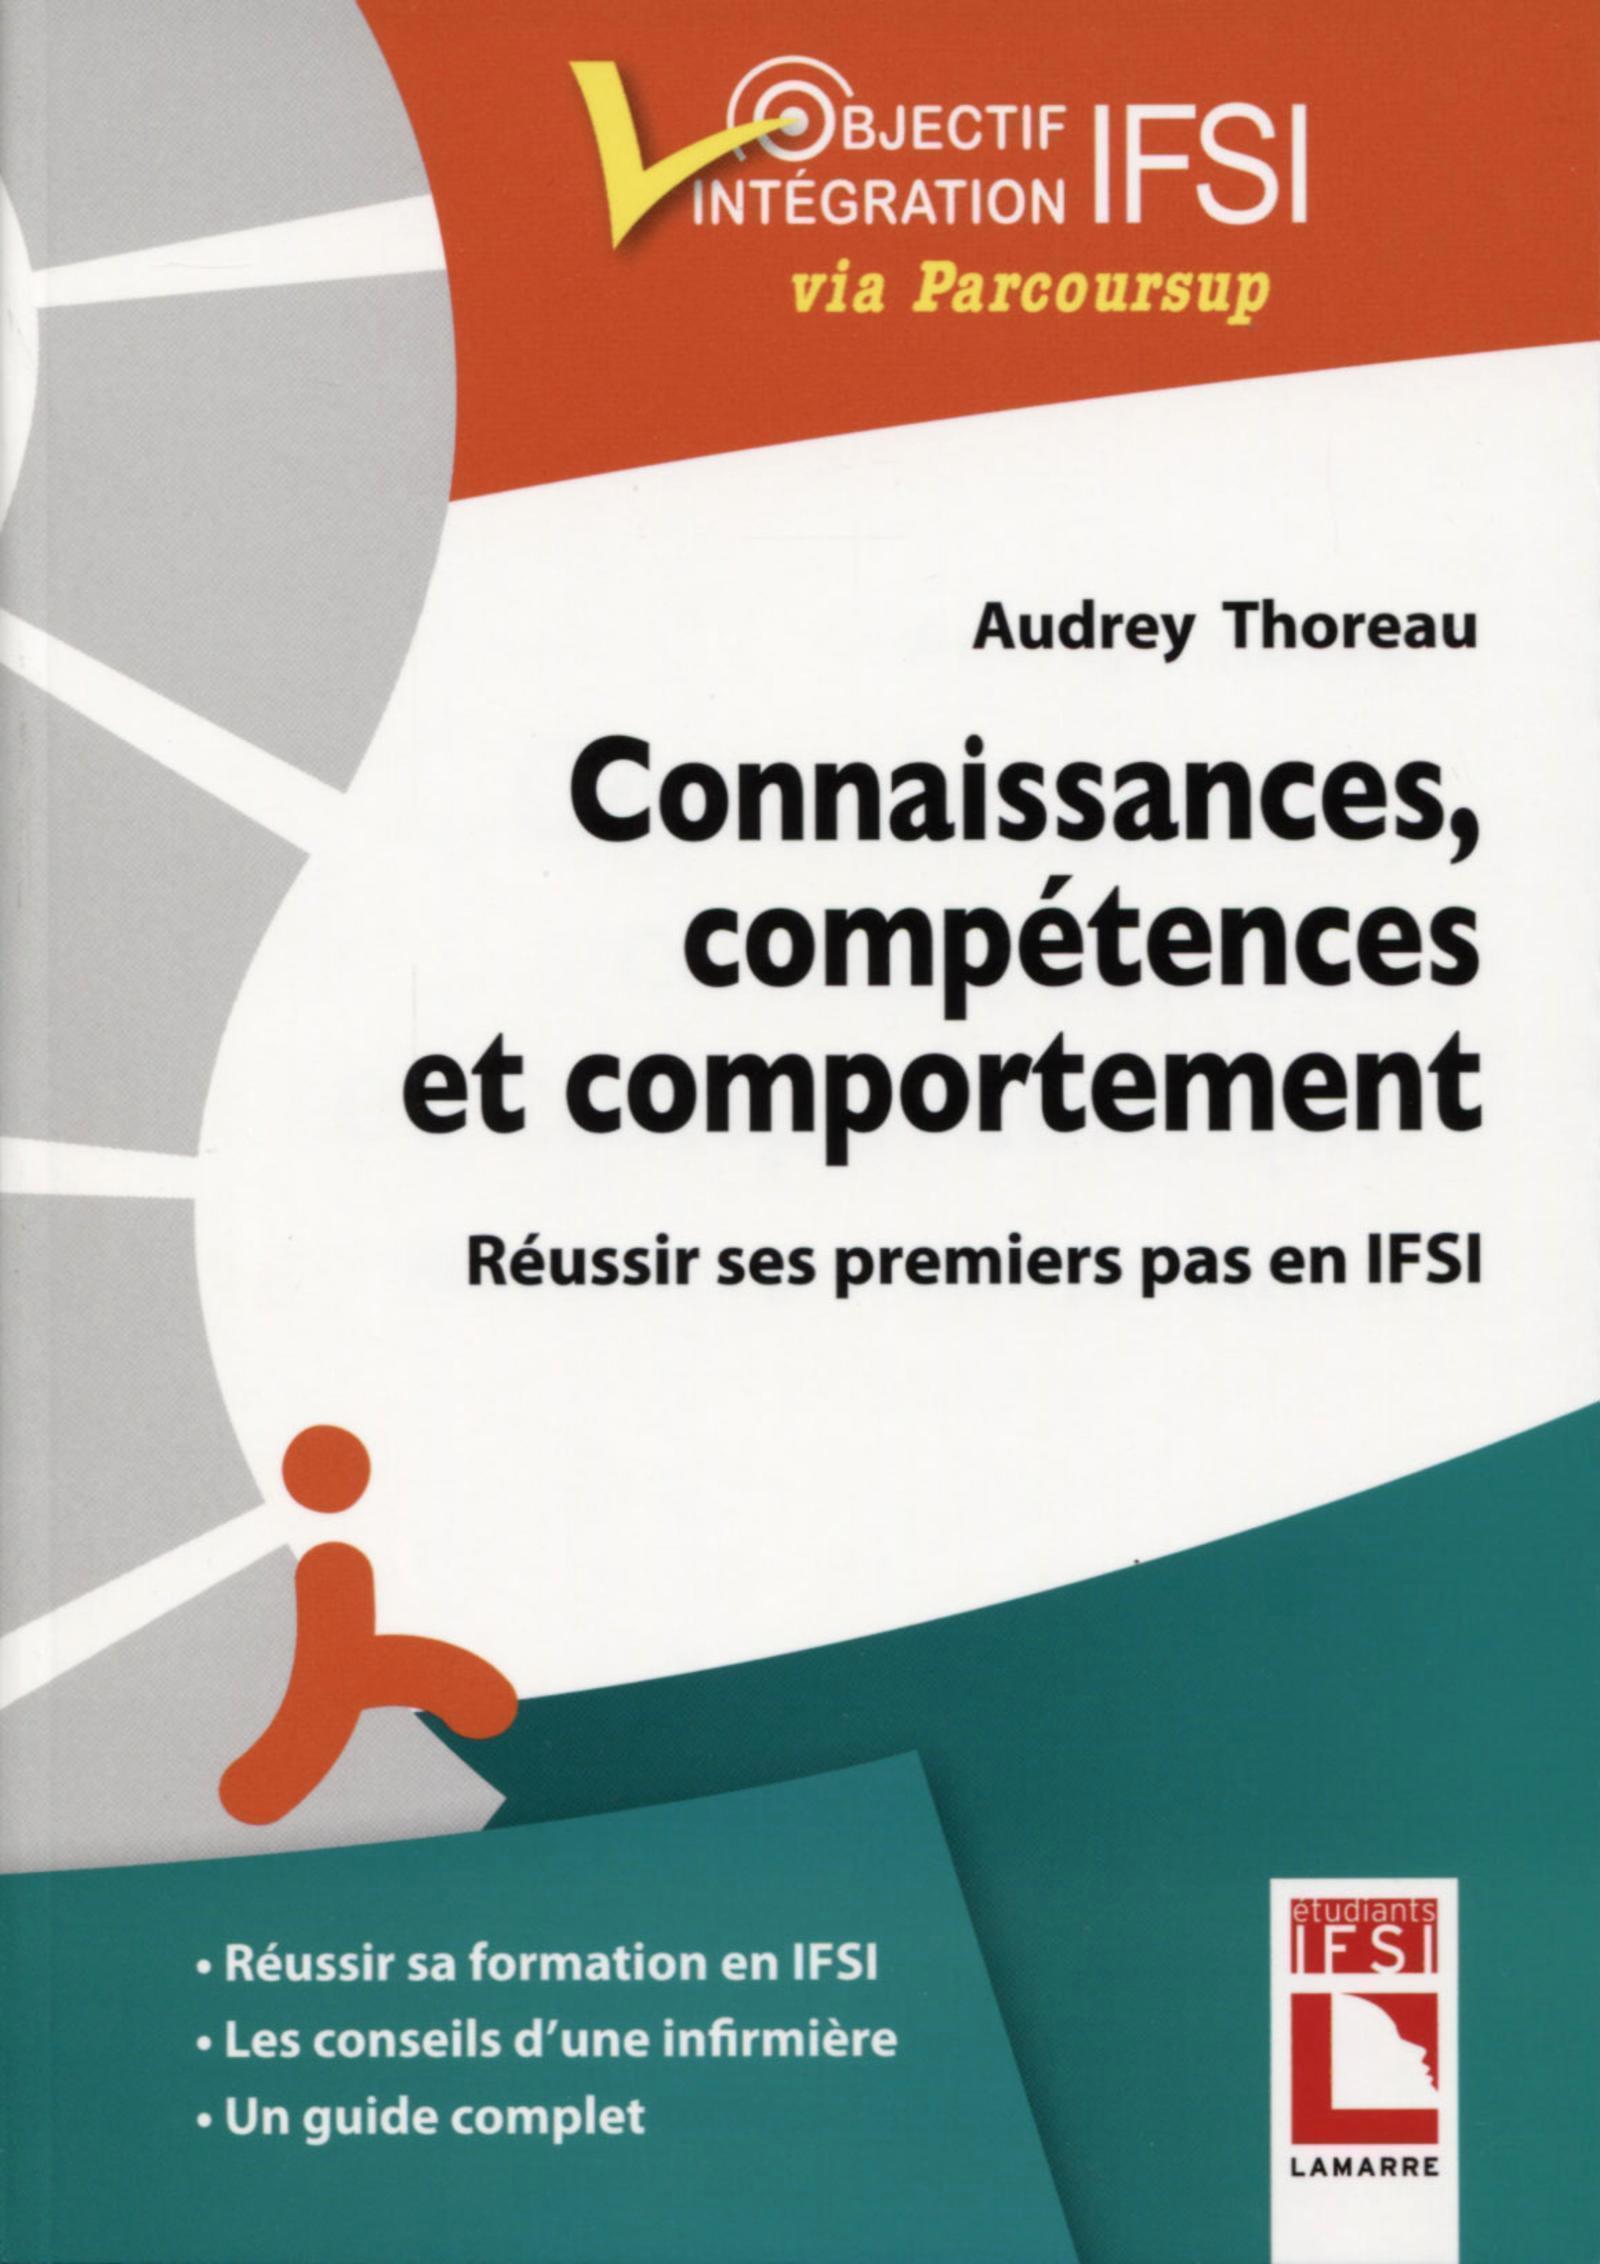 CONNAISSANCES, COMPETENCES ET COMPORTEMENT - REUSSIR SES PREMIERS PAS EN IFSI